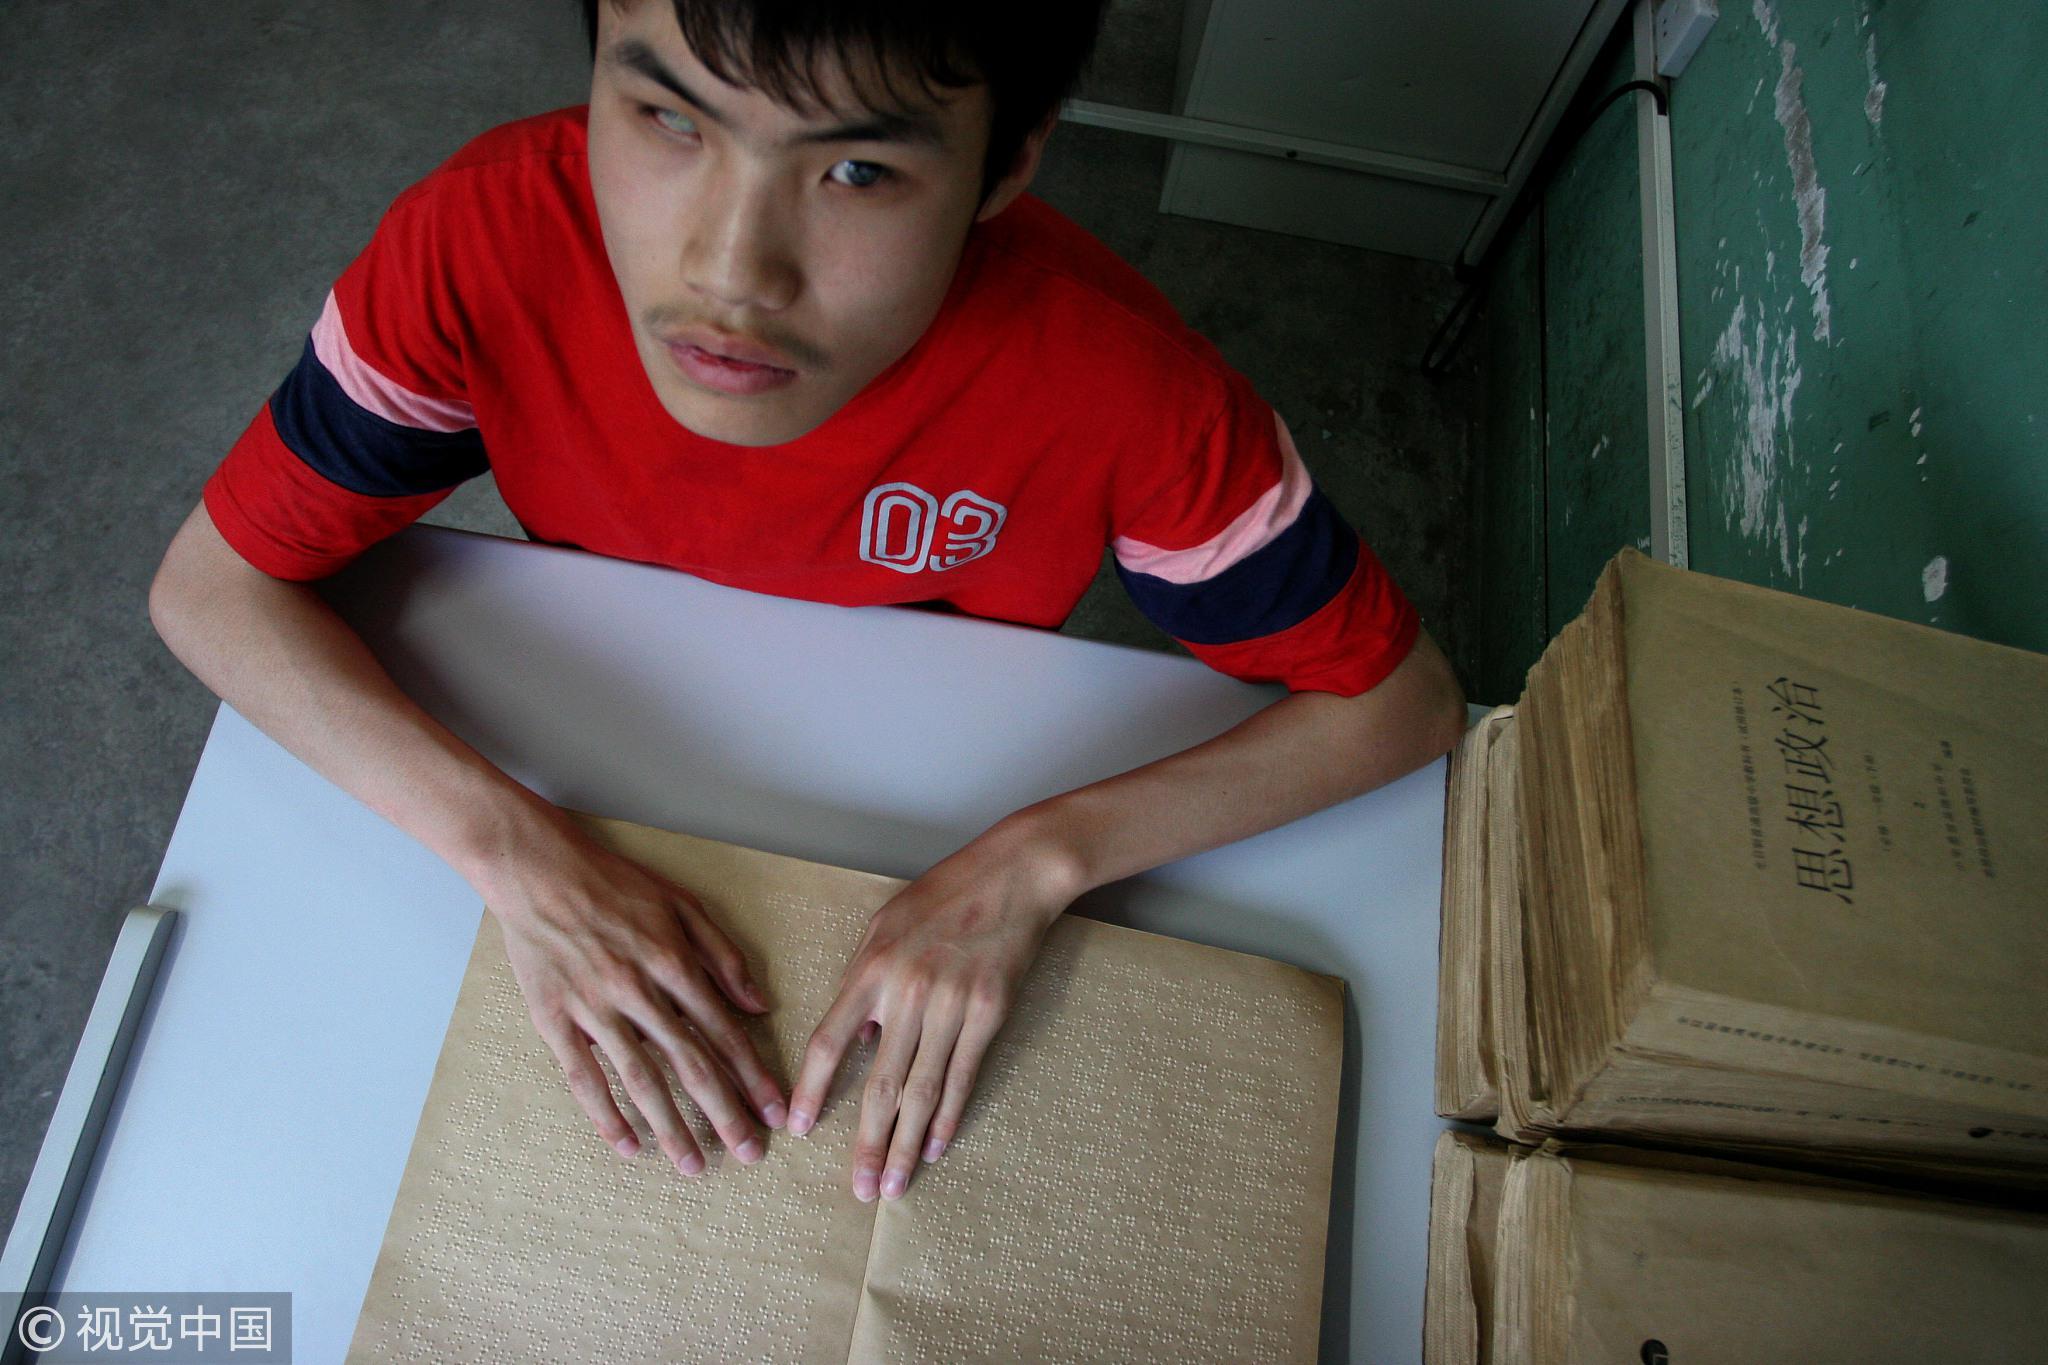 2007年5月,河南郑州,盲人高考班,一名盲人学生正在阅读盲人课本。/视觉中国